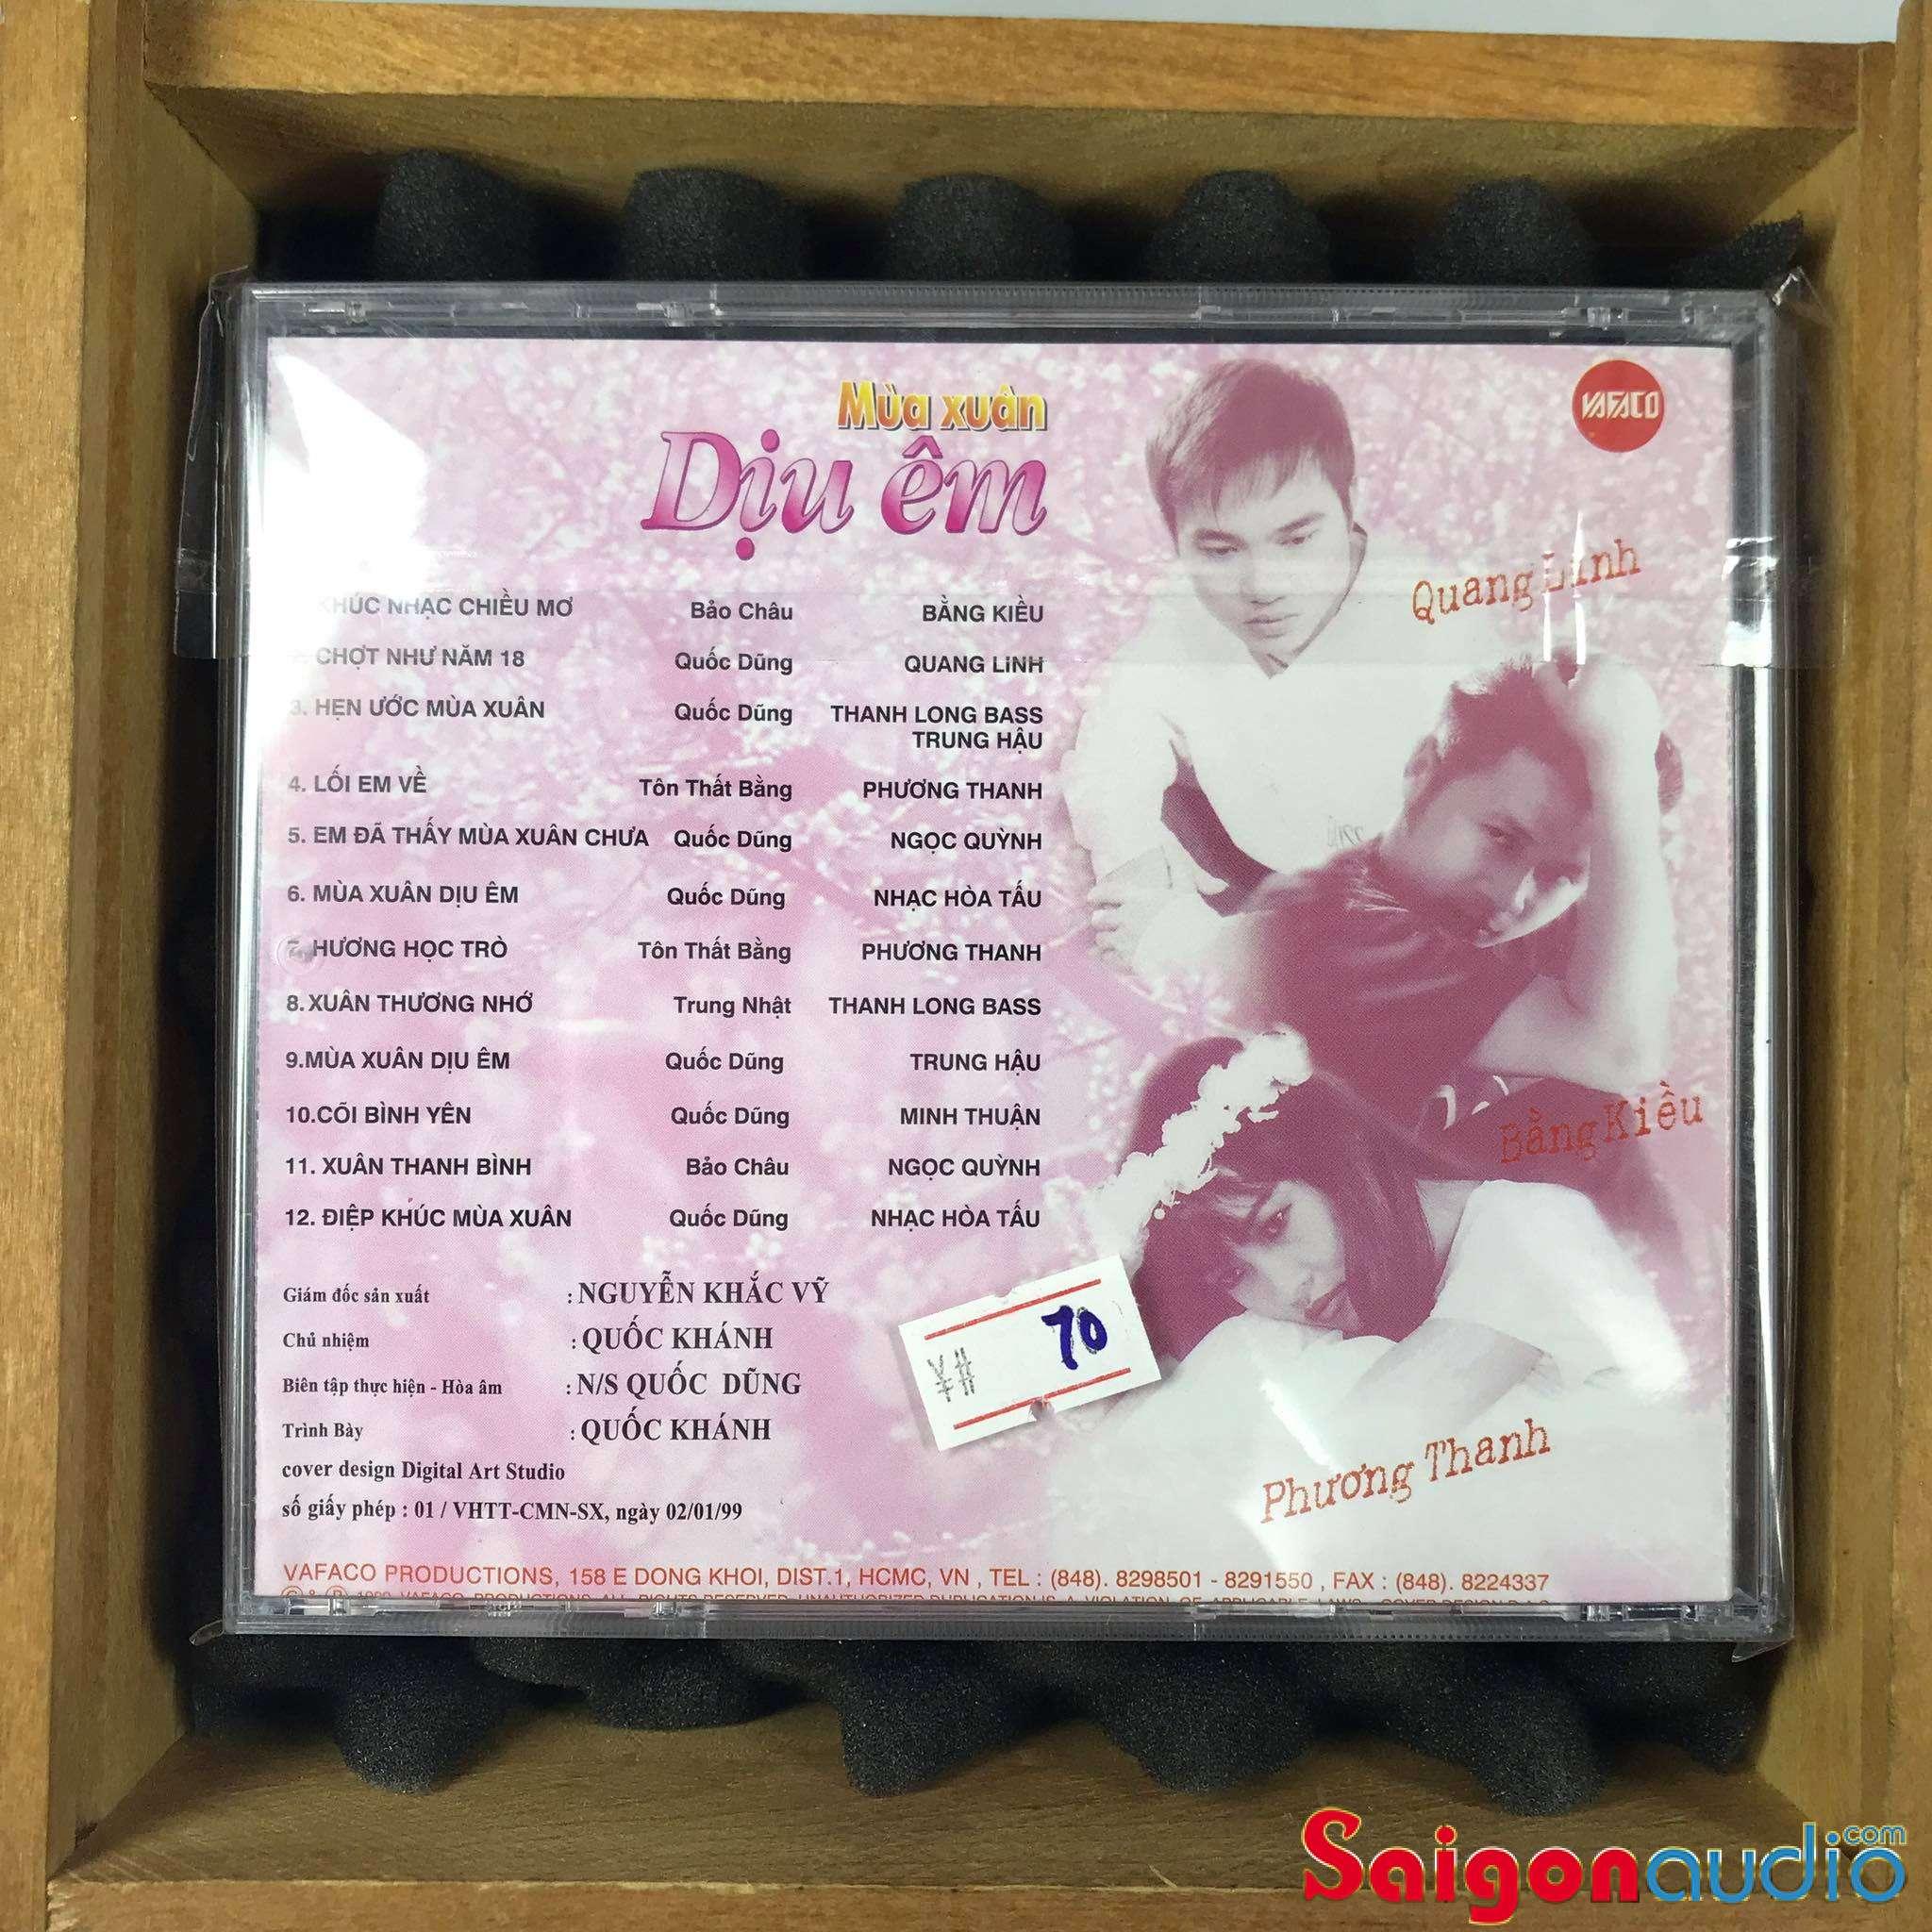 Đĩa CD gốc Mùa Xuân Dịu Êm